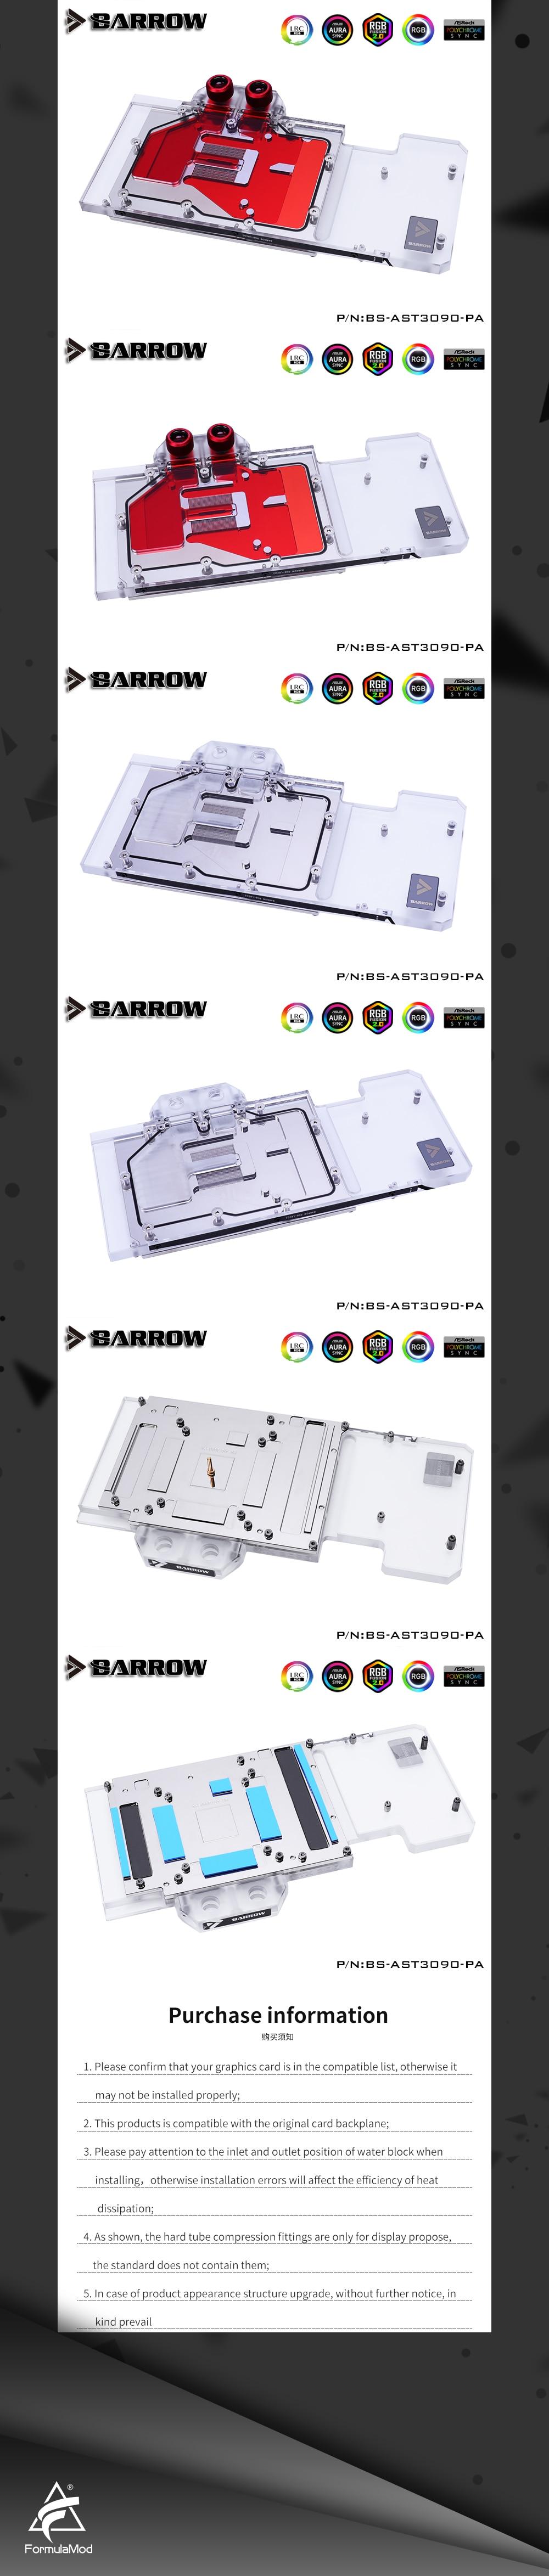 Barrow 3090 3080 GPU Water Block for ASUS TUF 3090/3080 Gaming, Full Cover 5v ARGB GPU Cooler, BS-AST3090-PA